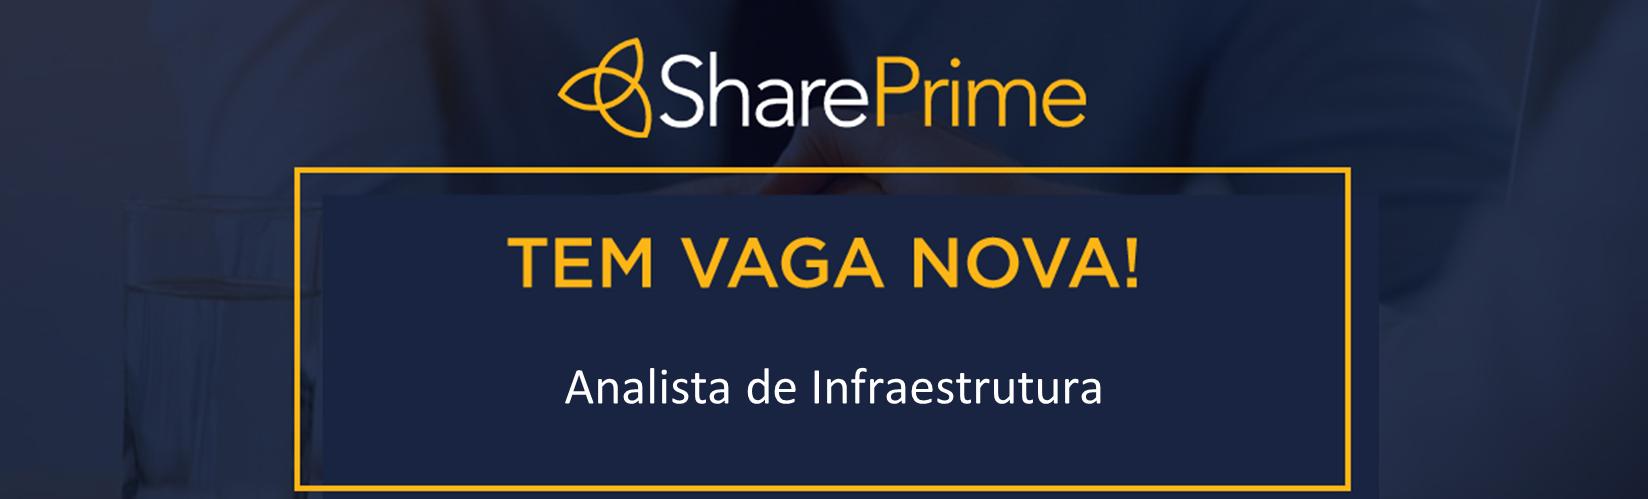 [SHAREPRIME] - Analista de Infraestrutura